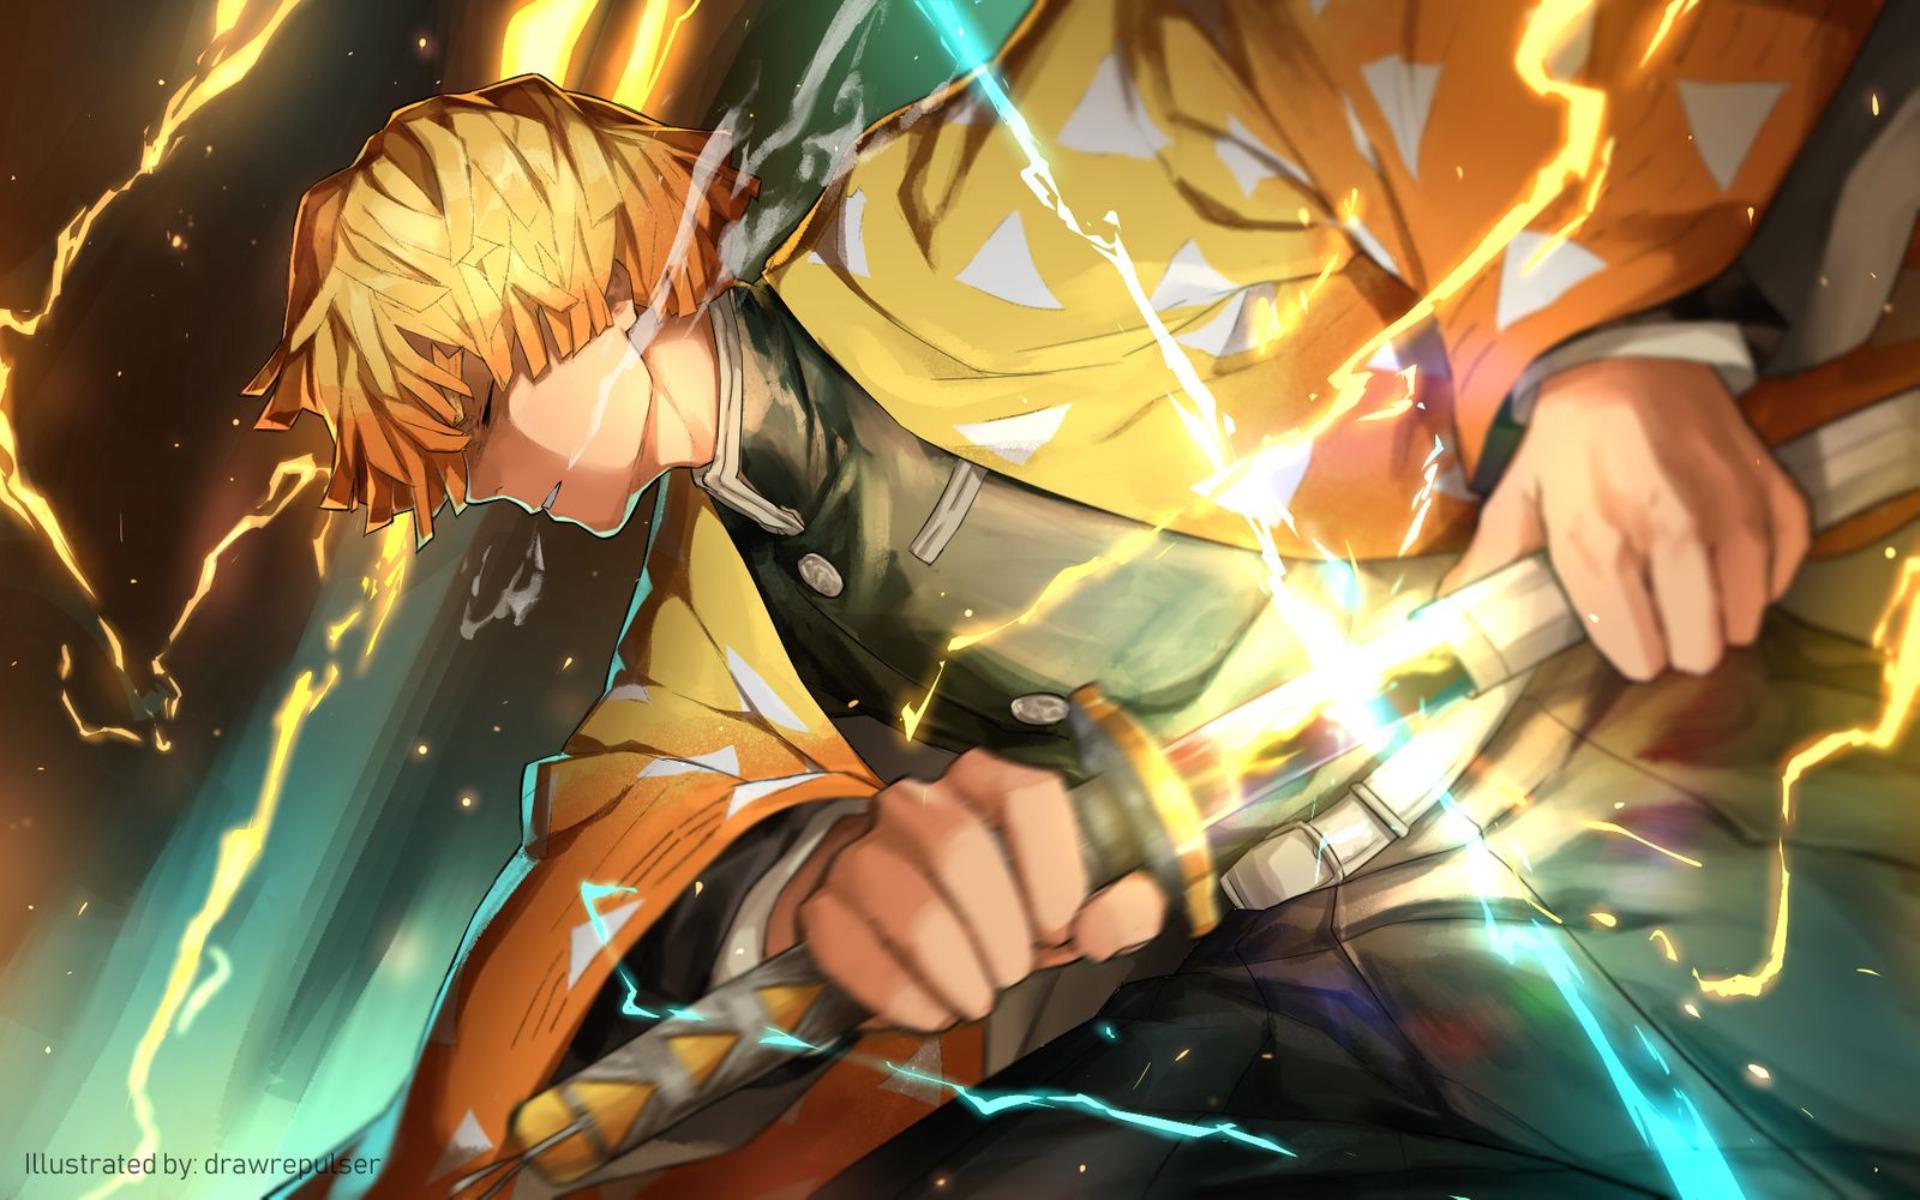 Demon Slayer Kimetsu No Yaiba Hd Wallpaper Background Image